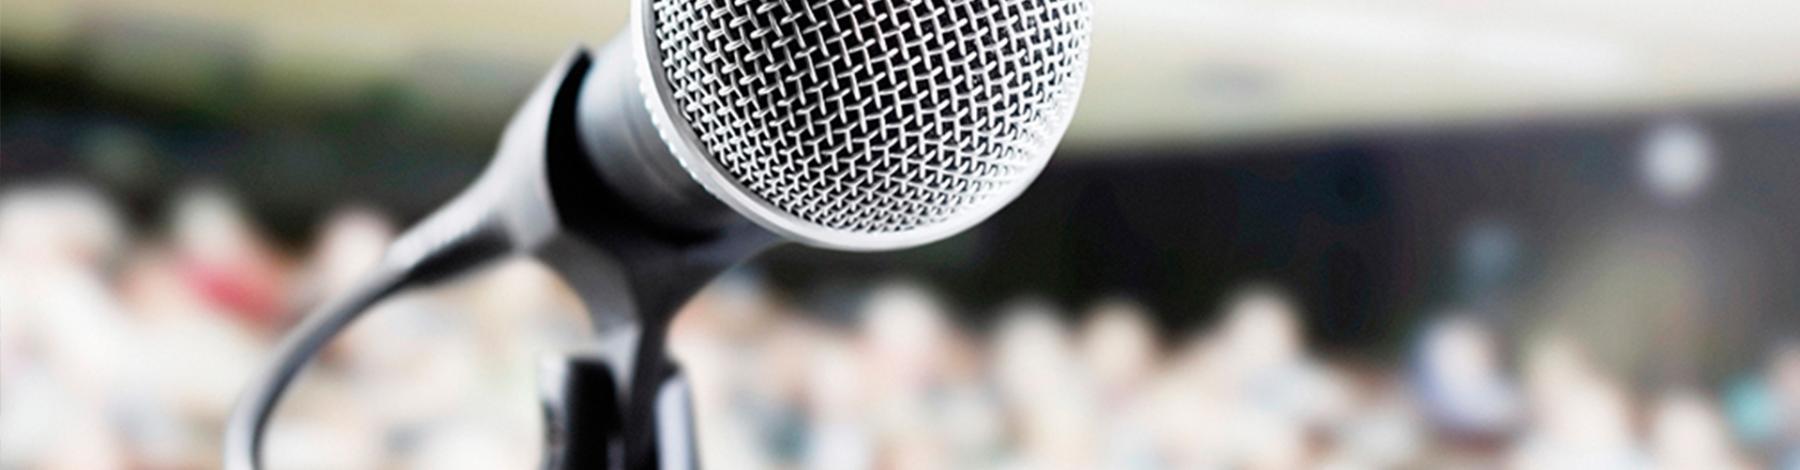 40 Jahre Stillstand: Bildungsexperten plädieren für sachorientierten Dialog und die Einbindung der Zivilgesellschaft